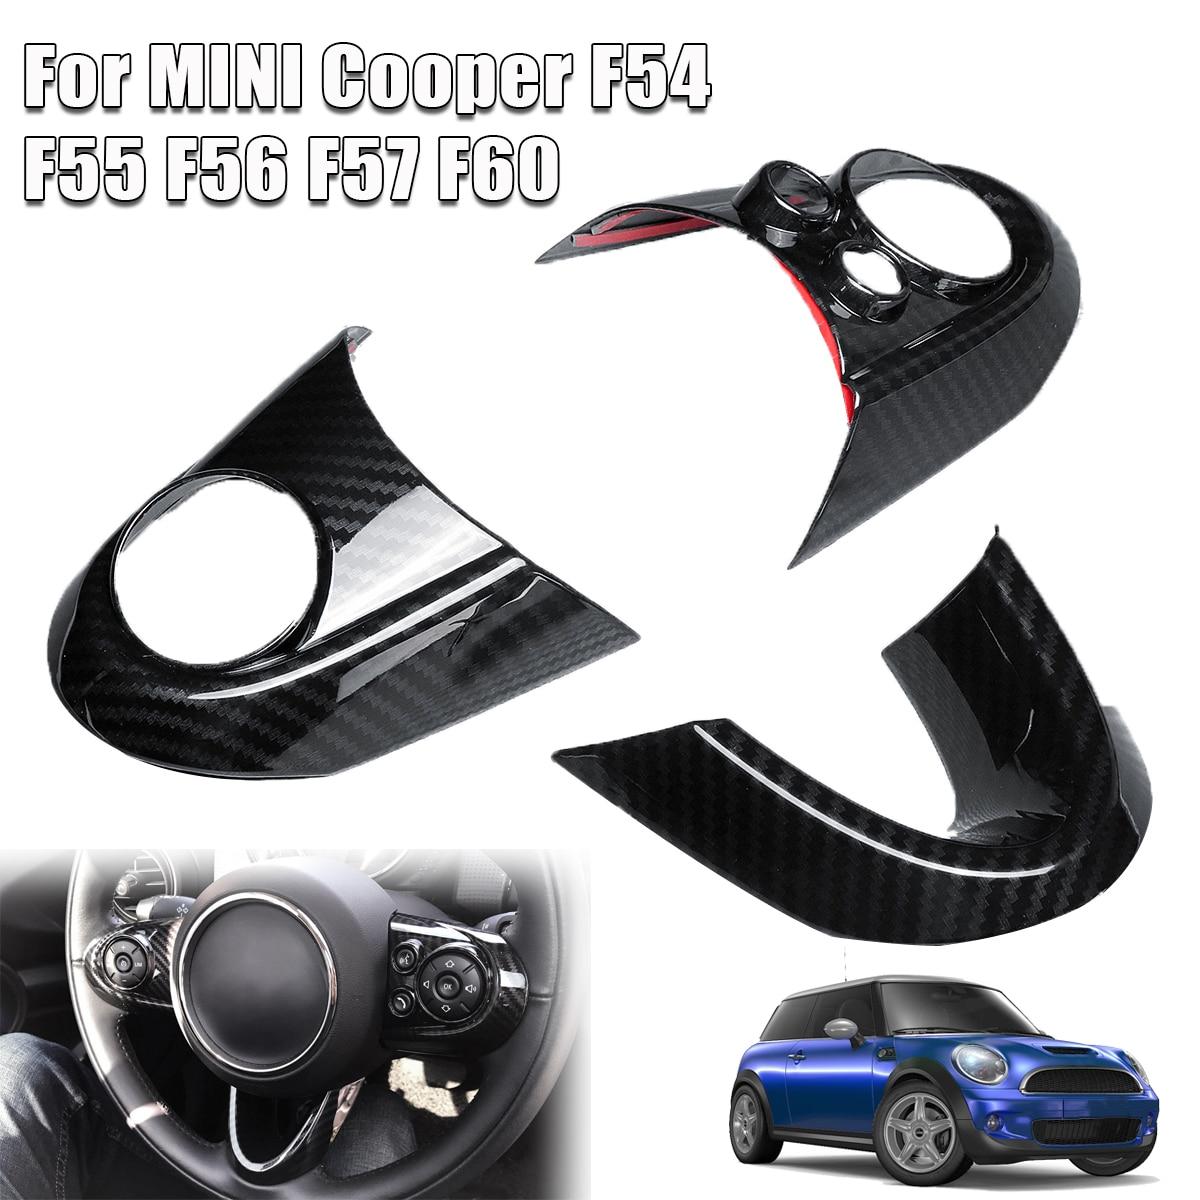 3pcs Auto Volante Coperture per MINI Cooper F54 F55 F56 F57 F60 In Fibra di Carbonio di Stile Accessori per Interni Auto sticker Cover